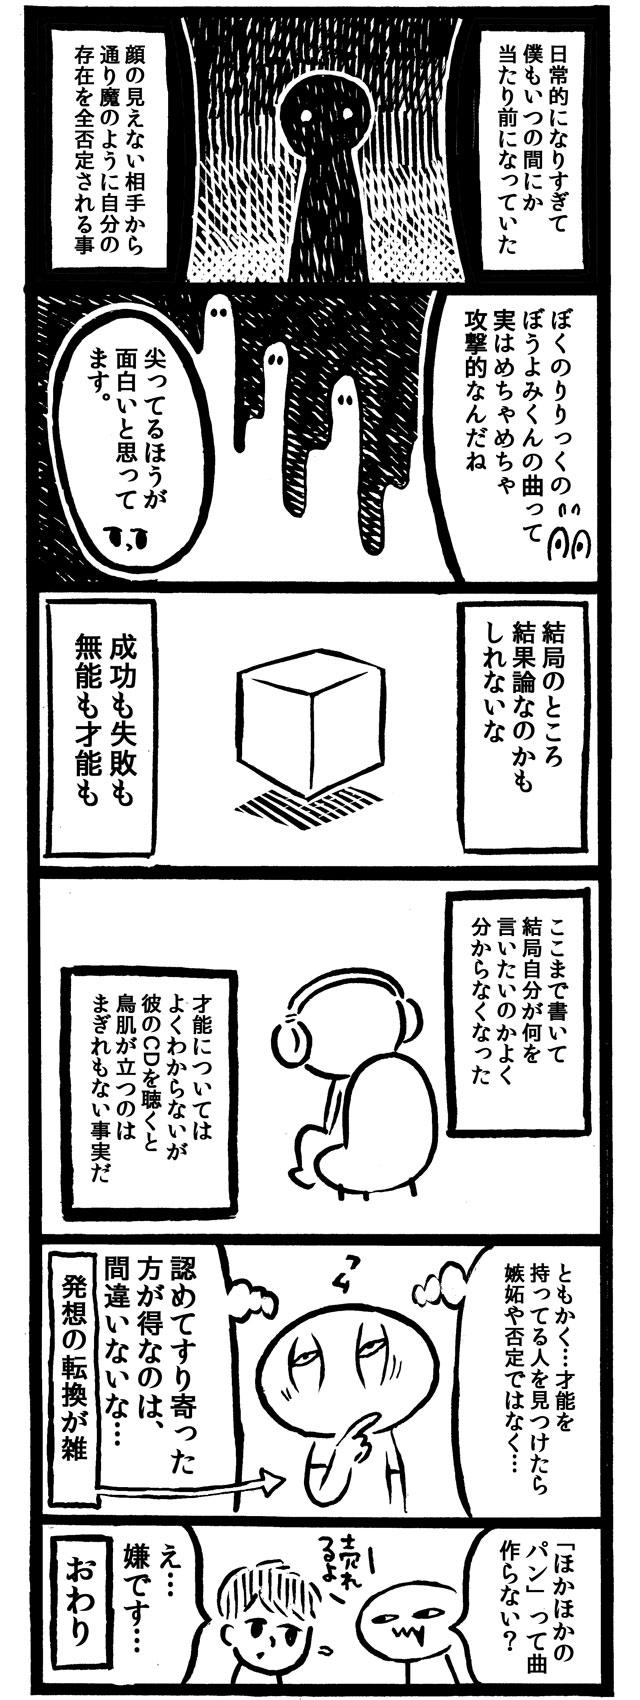 f:id:kakijiro:20151226151350j:plain